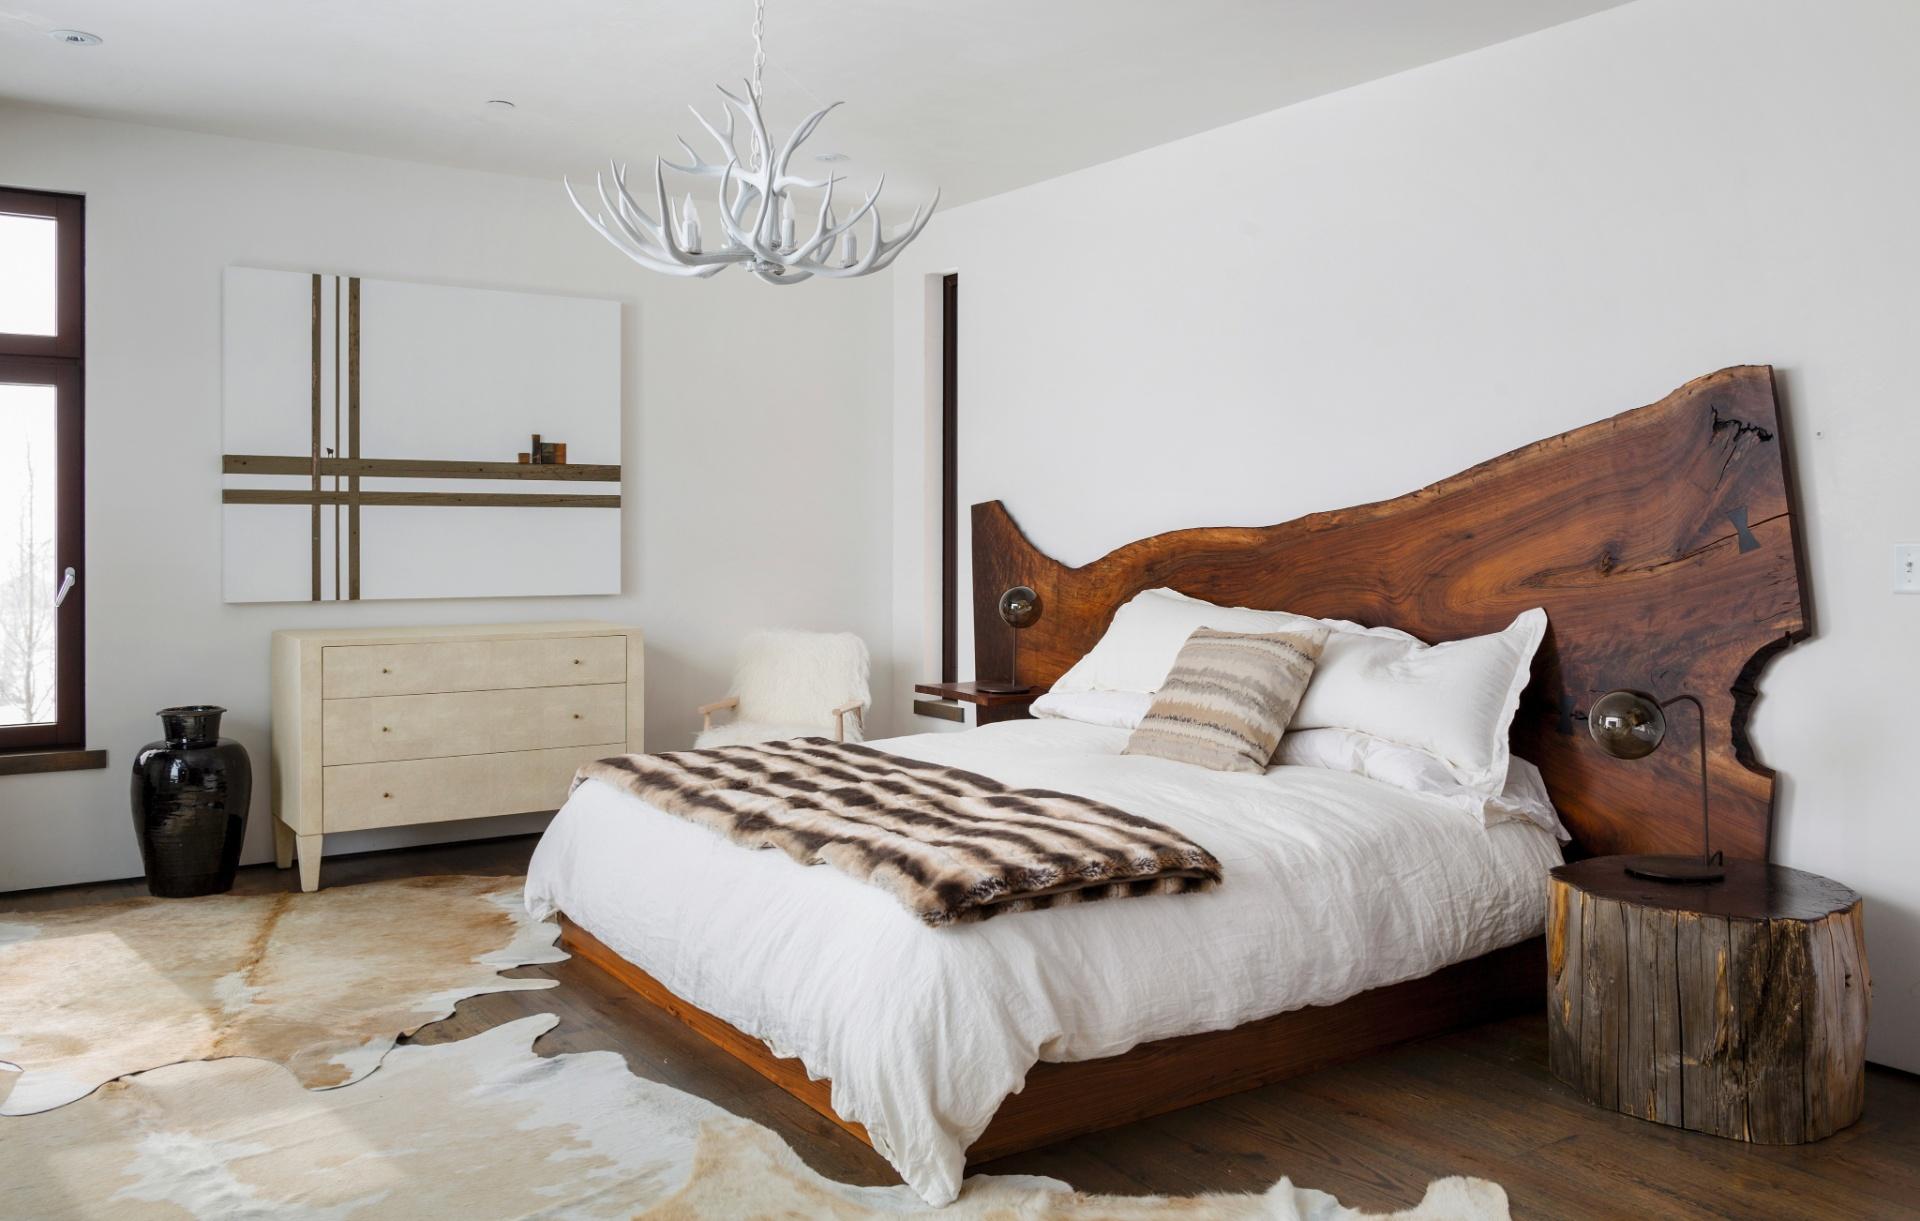 Na suíte máster, a cama de nogueira foi feita sob medida. Destaque ainda para o lustre assinado por Frank Long (Imagem do NYT, usar apenas no respectivo material)